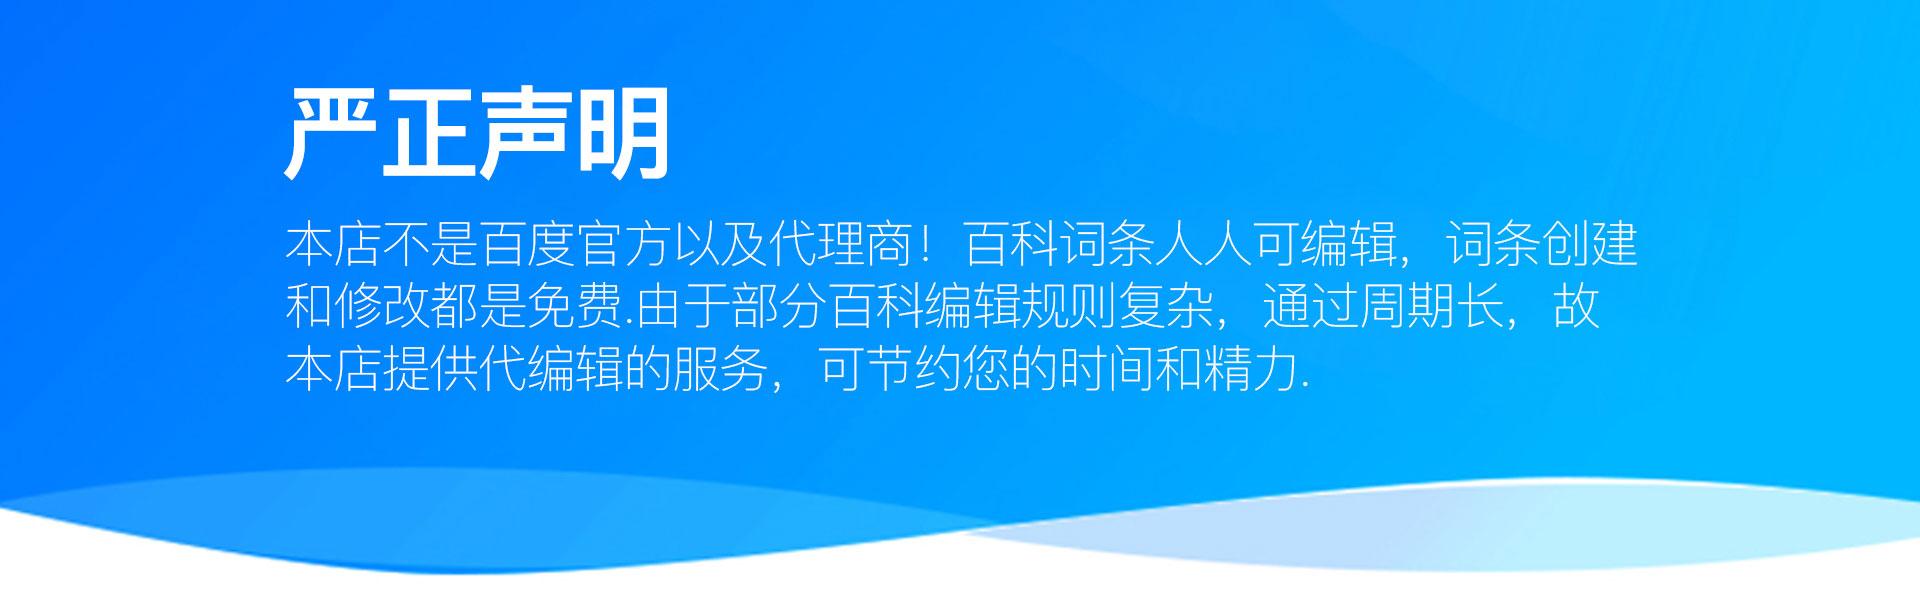 秦皇上海百科百度代做怎么申请做百科网